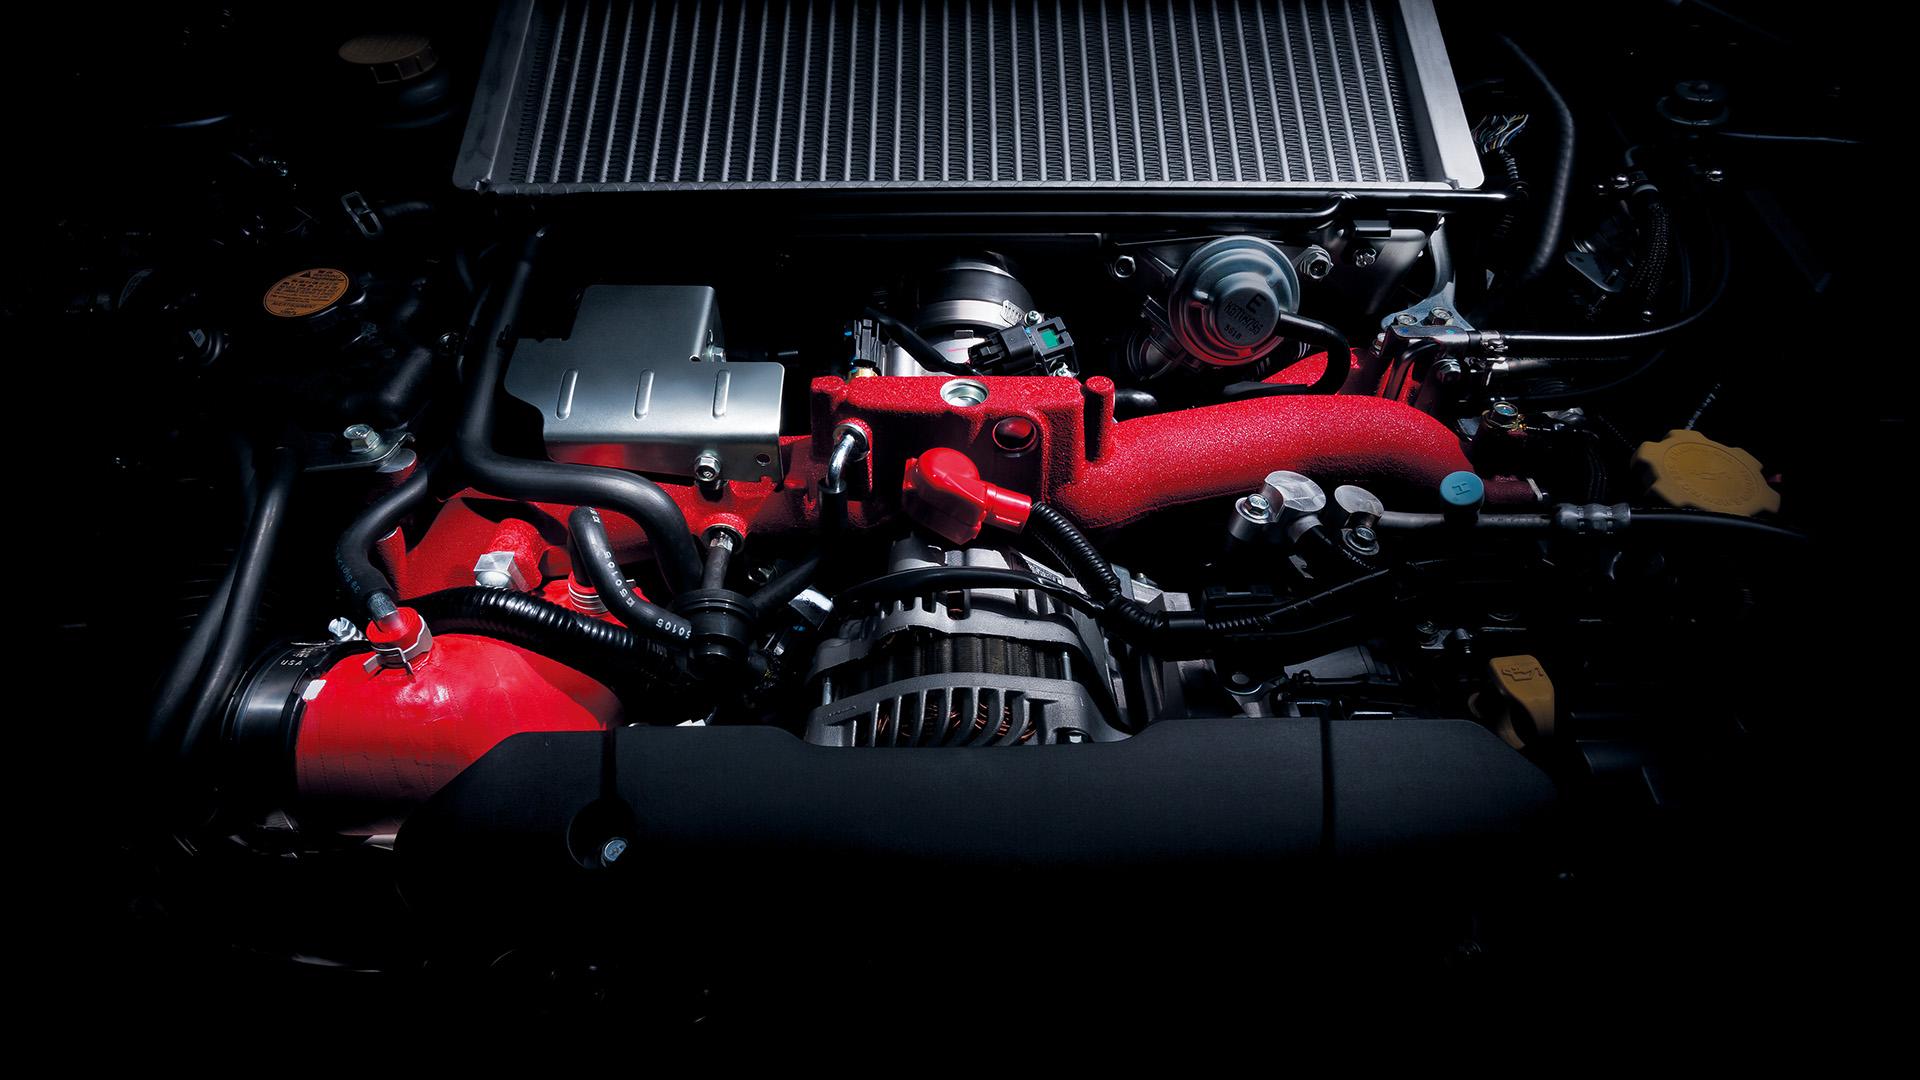 Twin Turbo Wrx Sti >> Subaru WRX STI S207: uma edição especial com 330 cv e 400 unidades... só para o Japão - FlatOut!